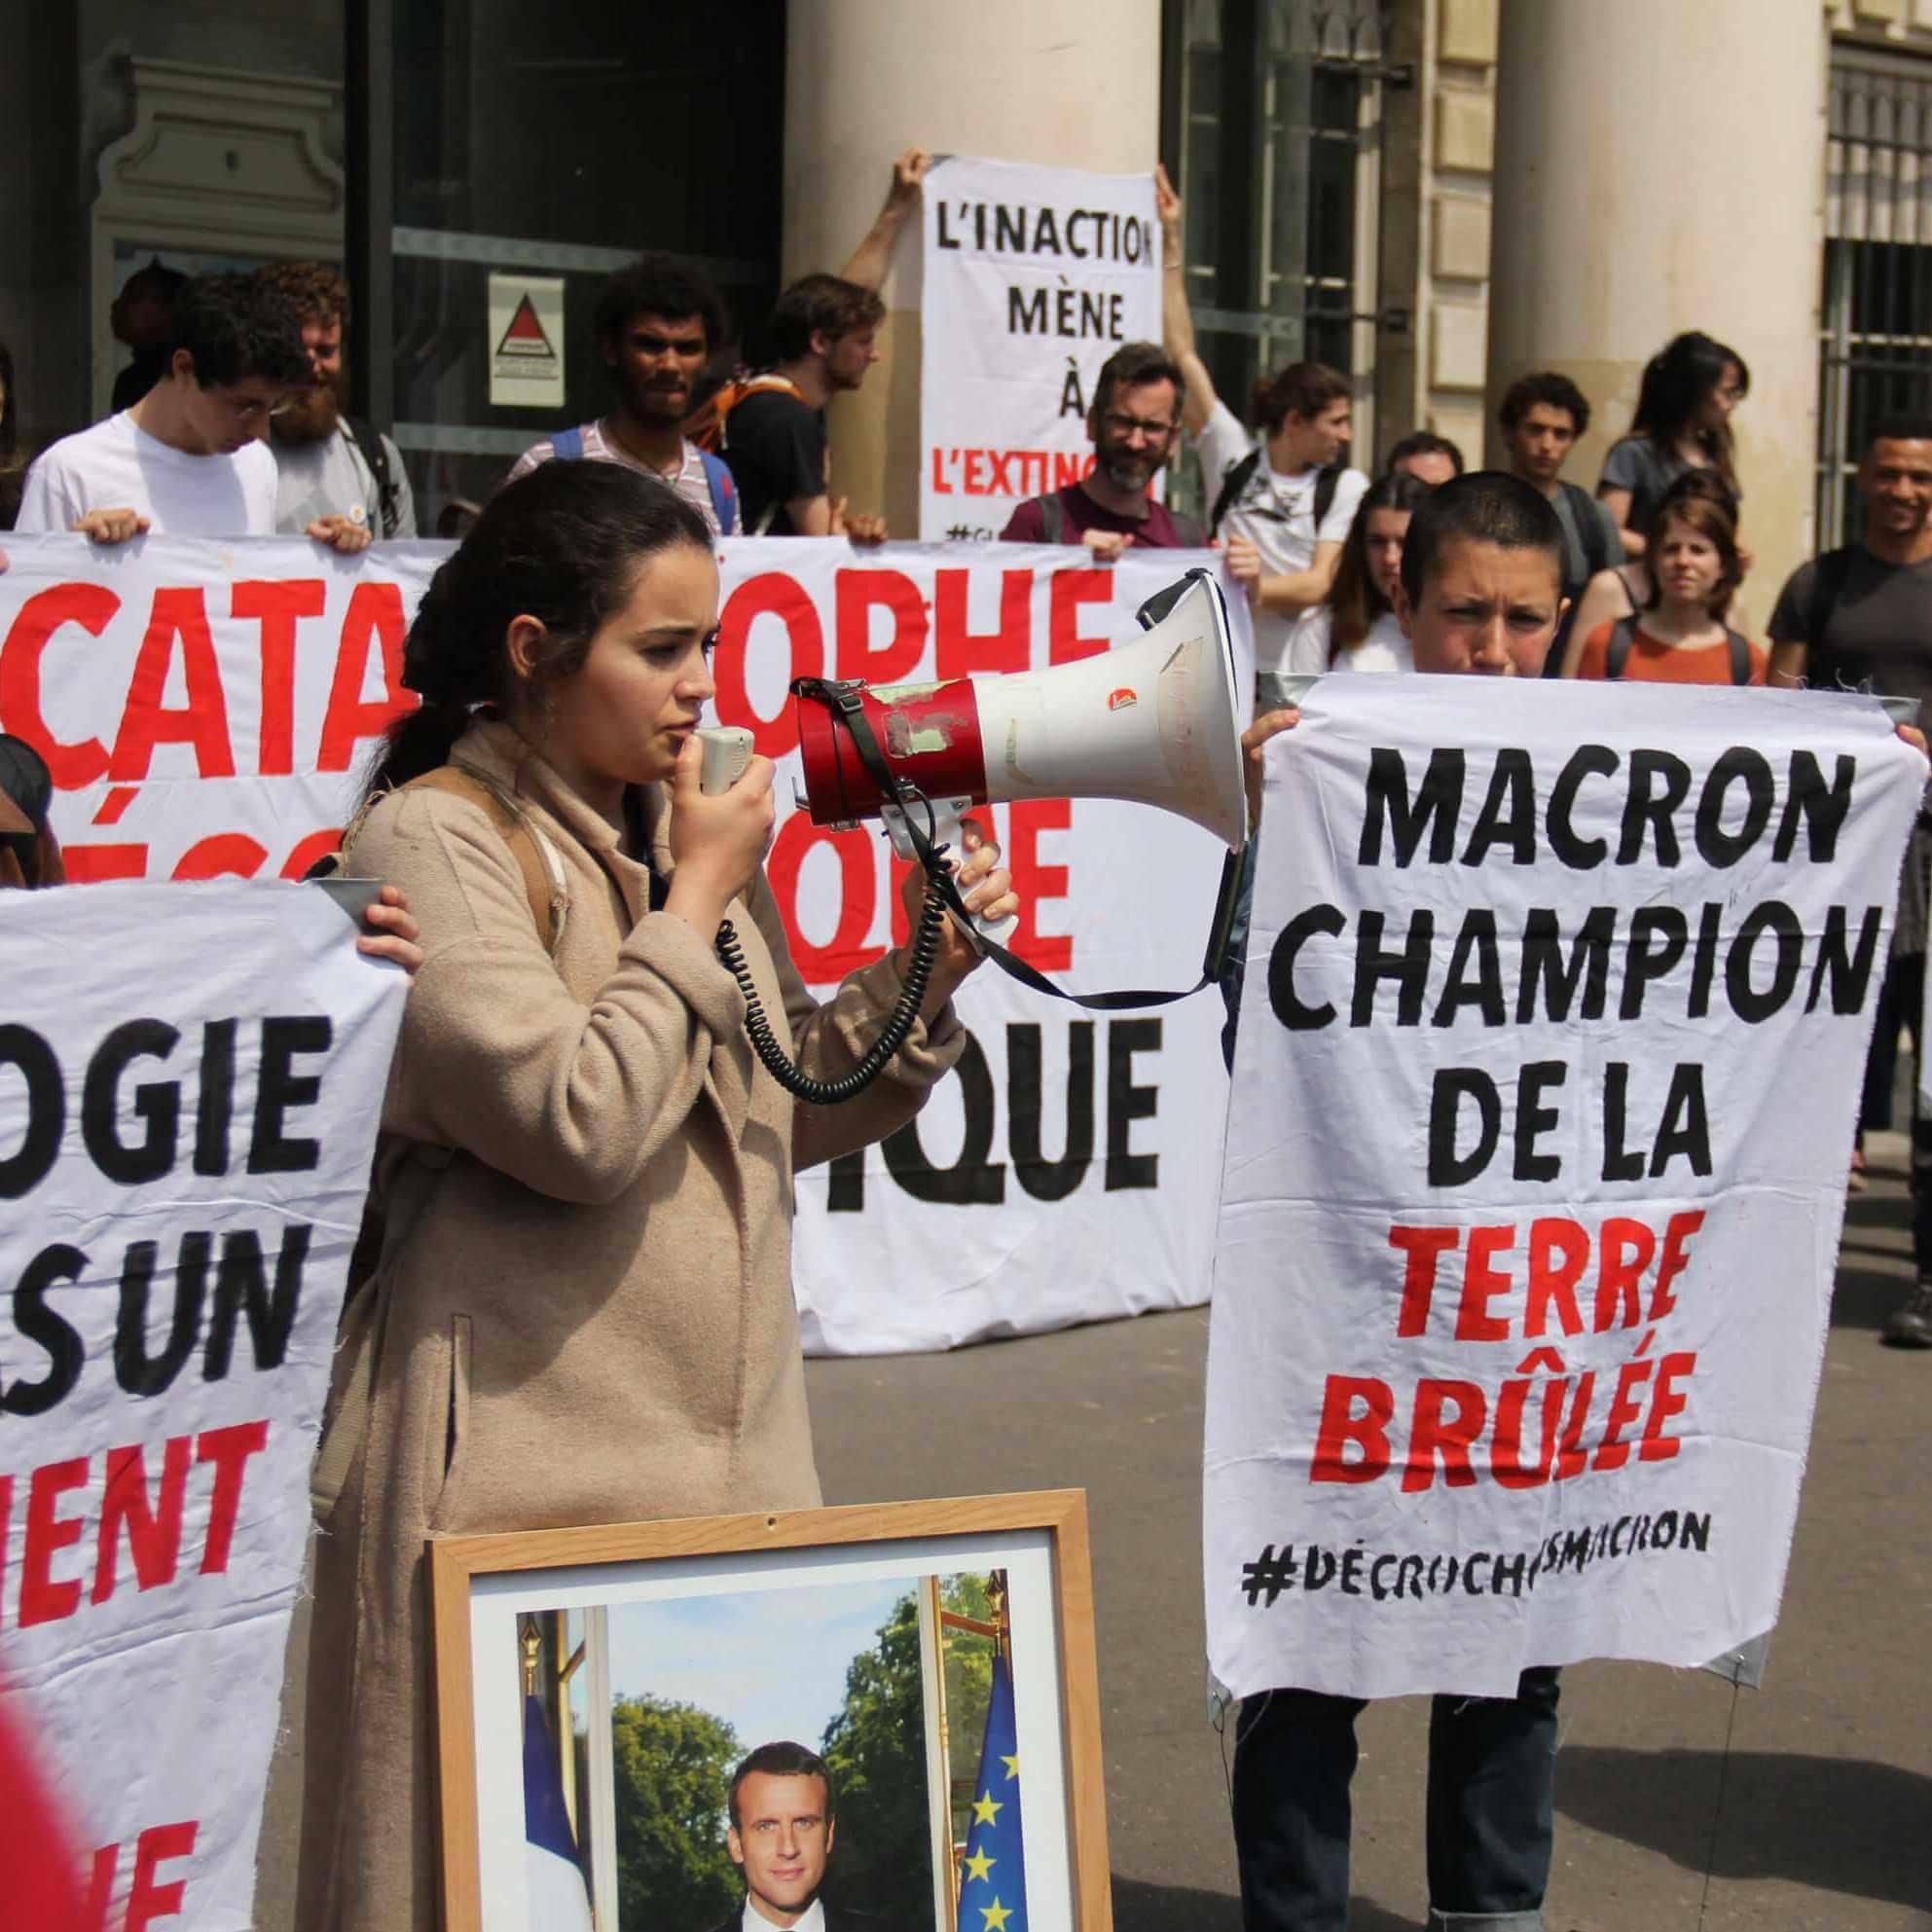 Macron champion de la terre brulée